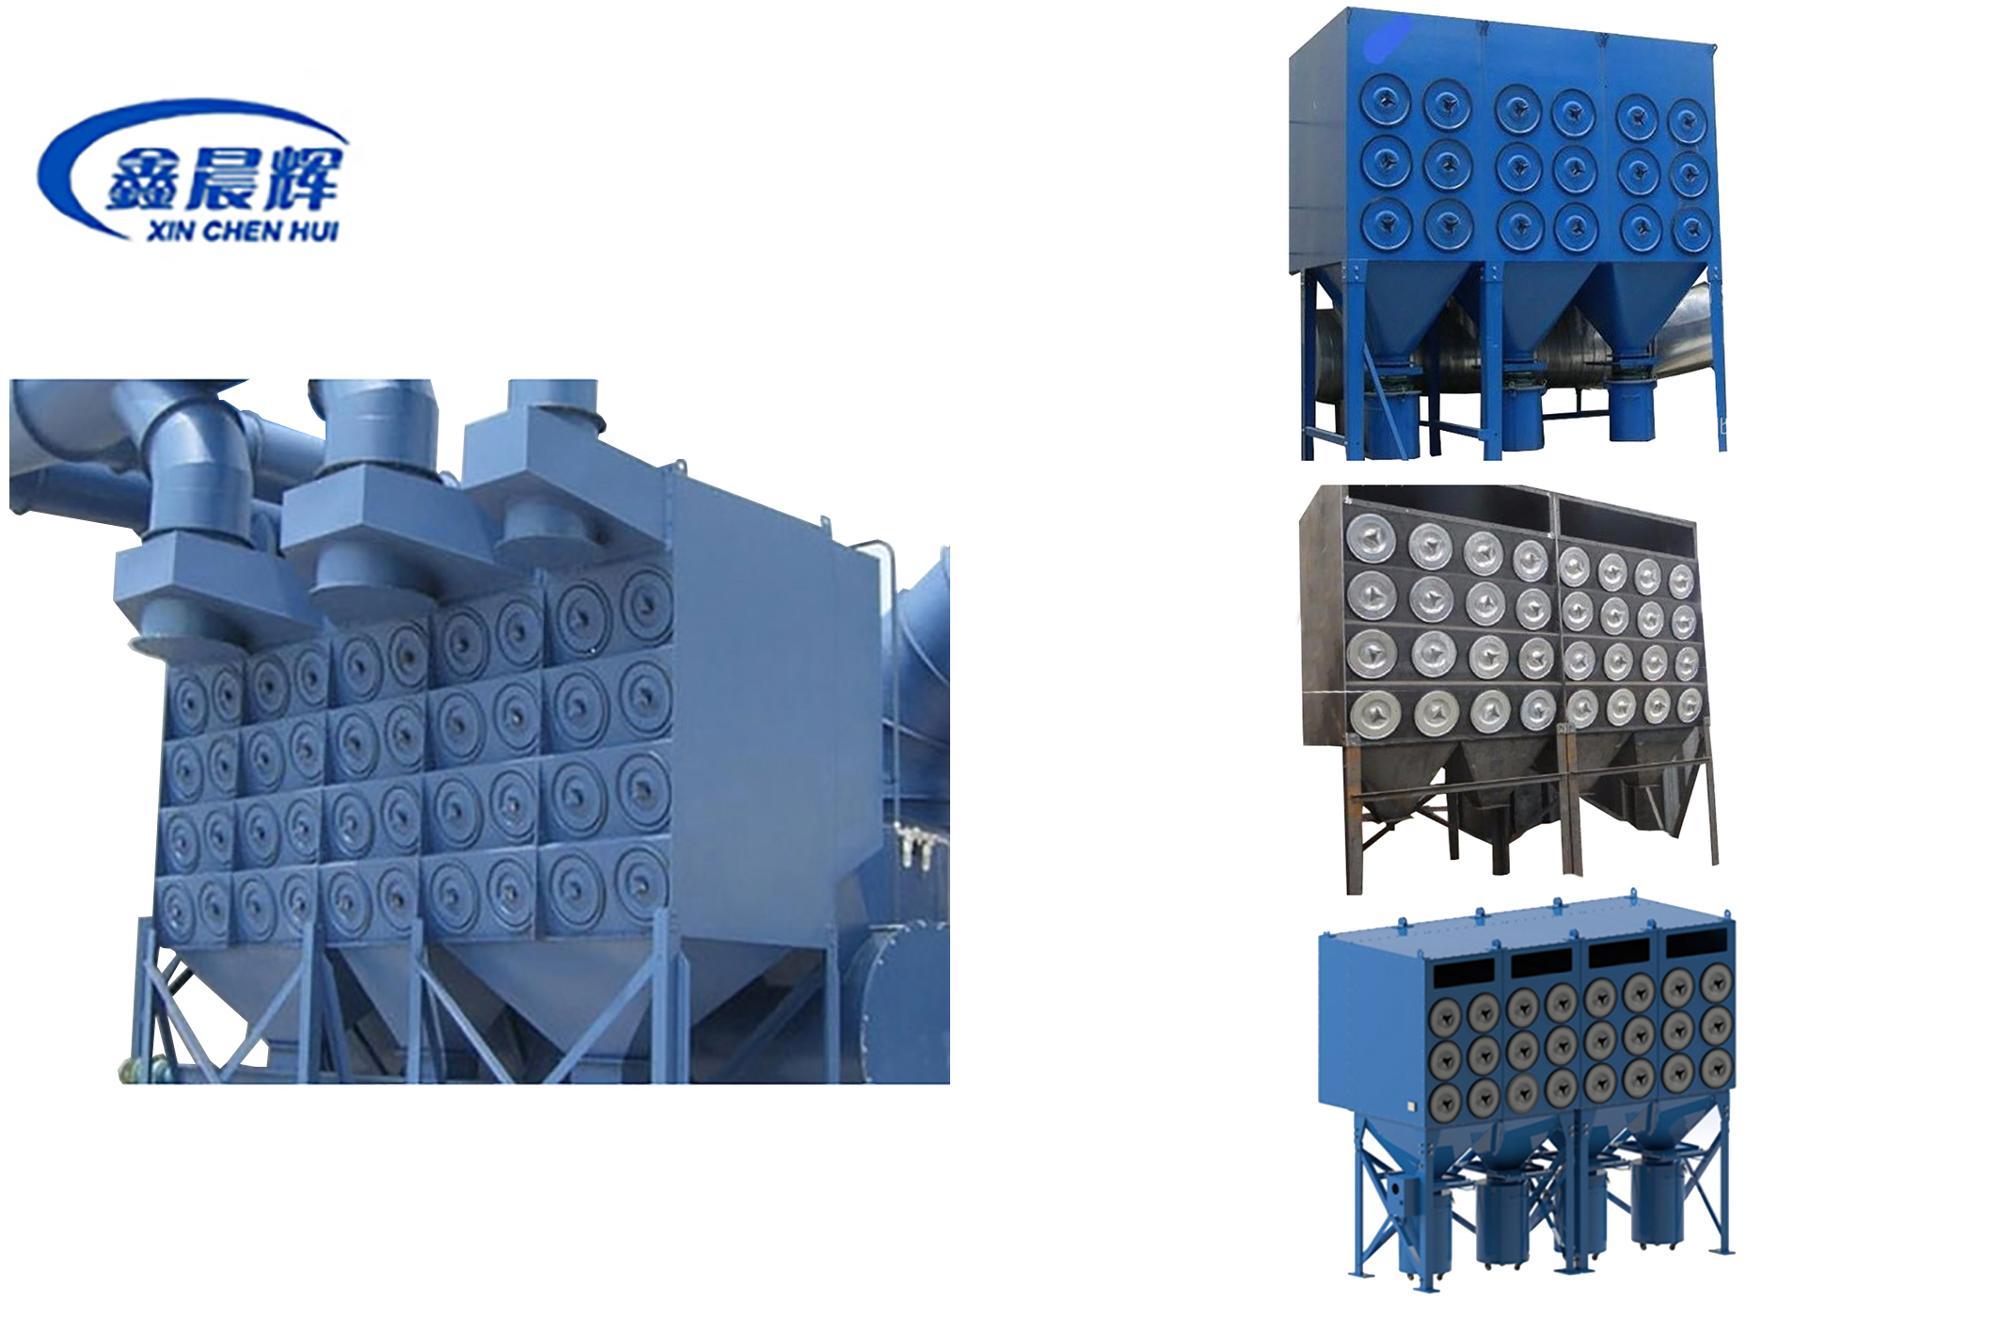 Yüksek Kalite ve Düşük Fiyat Taşınabilir Çanta Toz Toplayıcı hava filtre kartuşu temizleyici Hava Temizleme Sistemi.